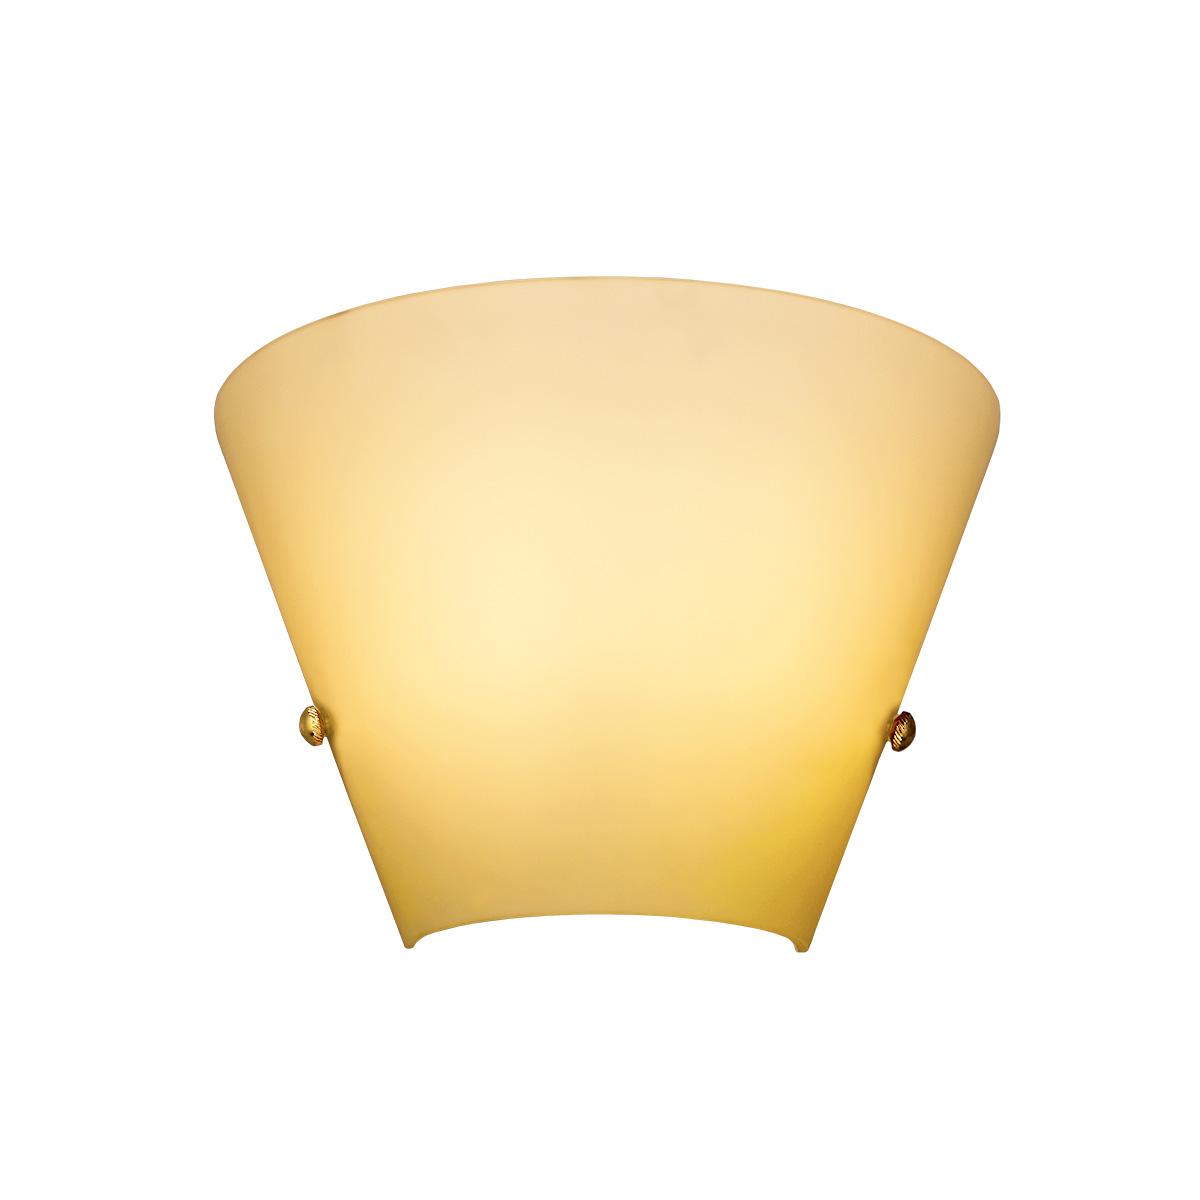 Μελί φωτιστικό τοίχου Μουράνο ΚΩΝΟΙ amber Murano wall lamp